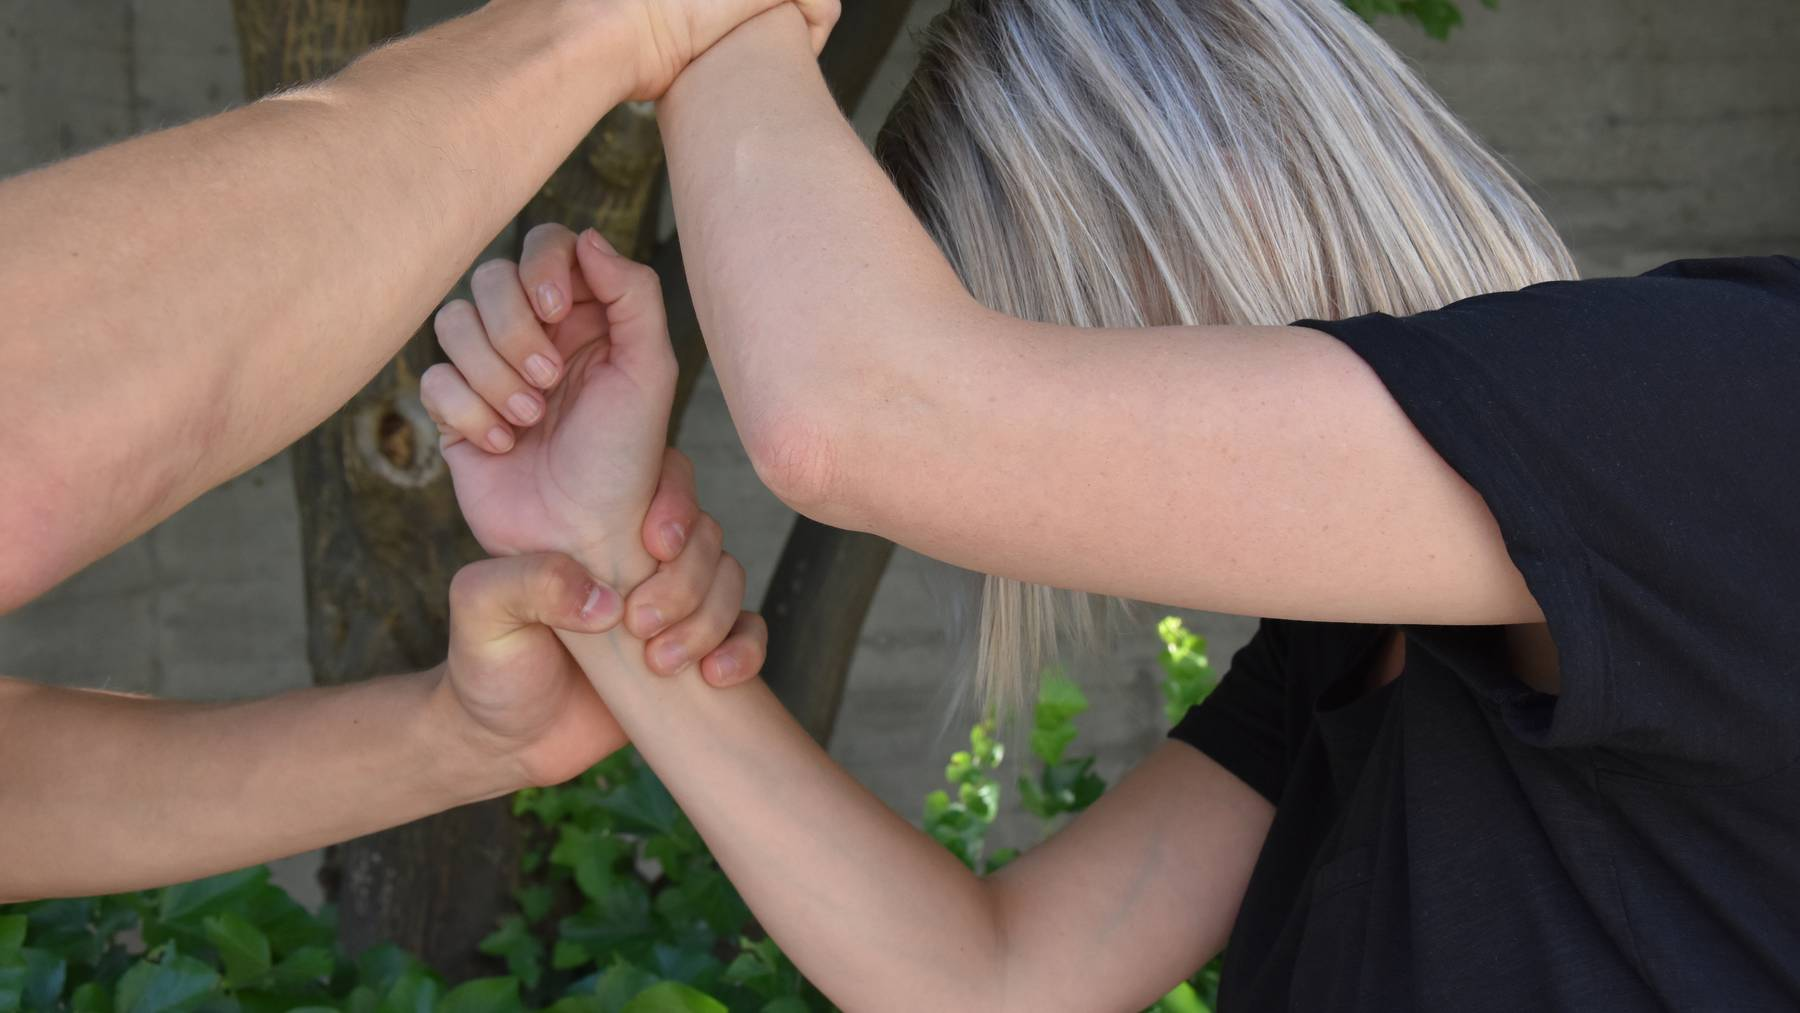 Häusliche Gewalt ist im Kanton St.Gallen keine Seltenheit. (Symbolbild)